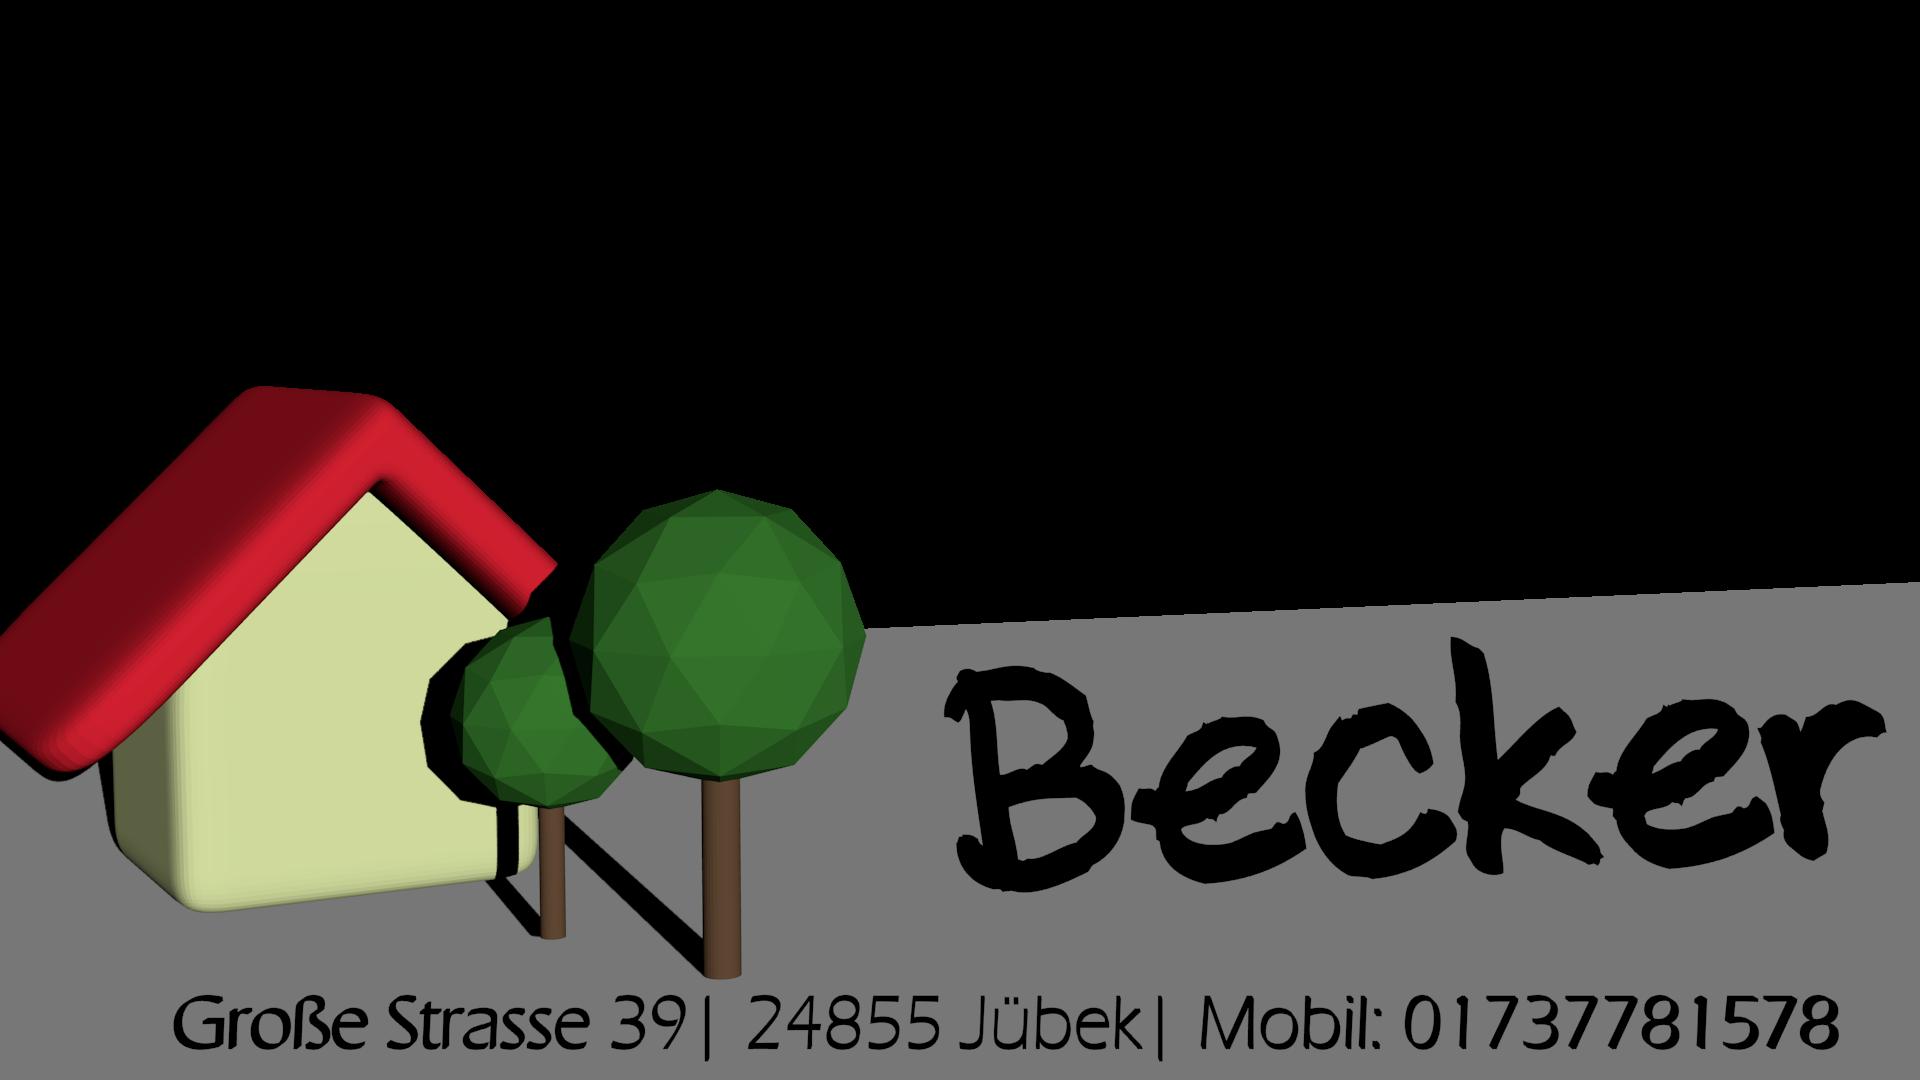 Haus und Gartenservice Becker in 24855, Jübek